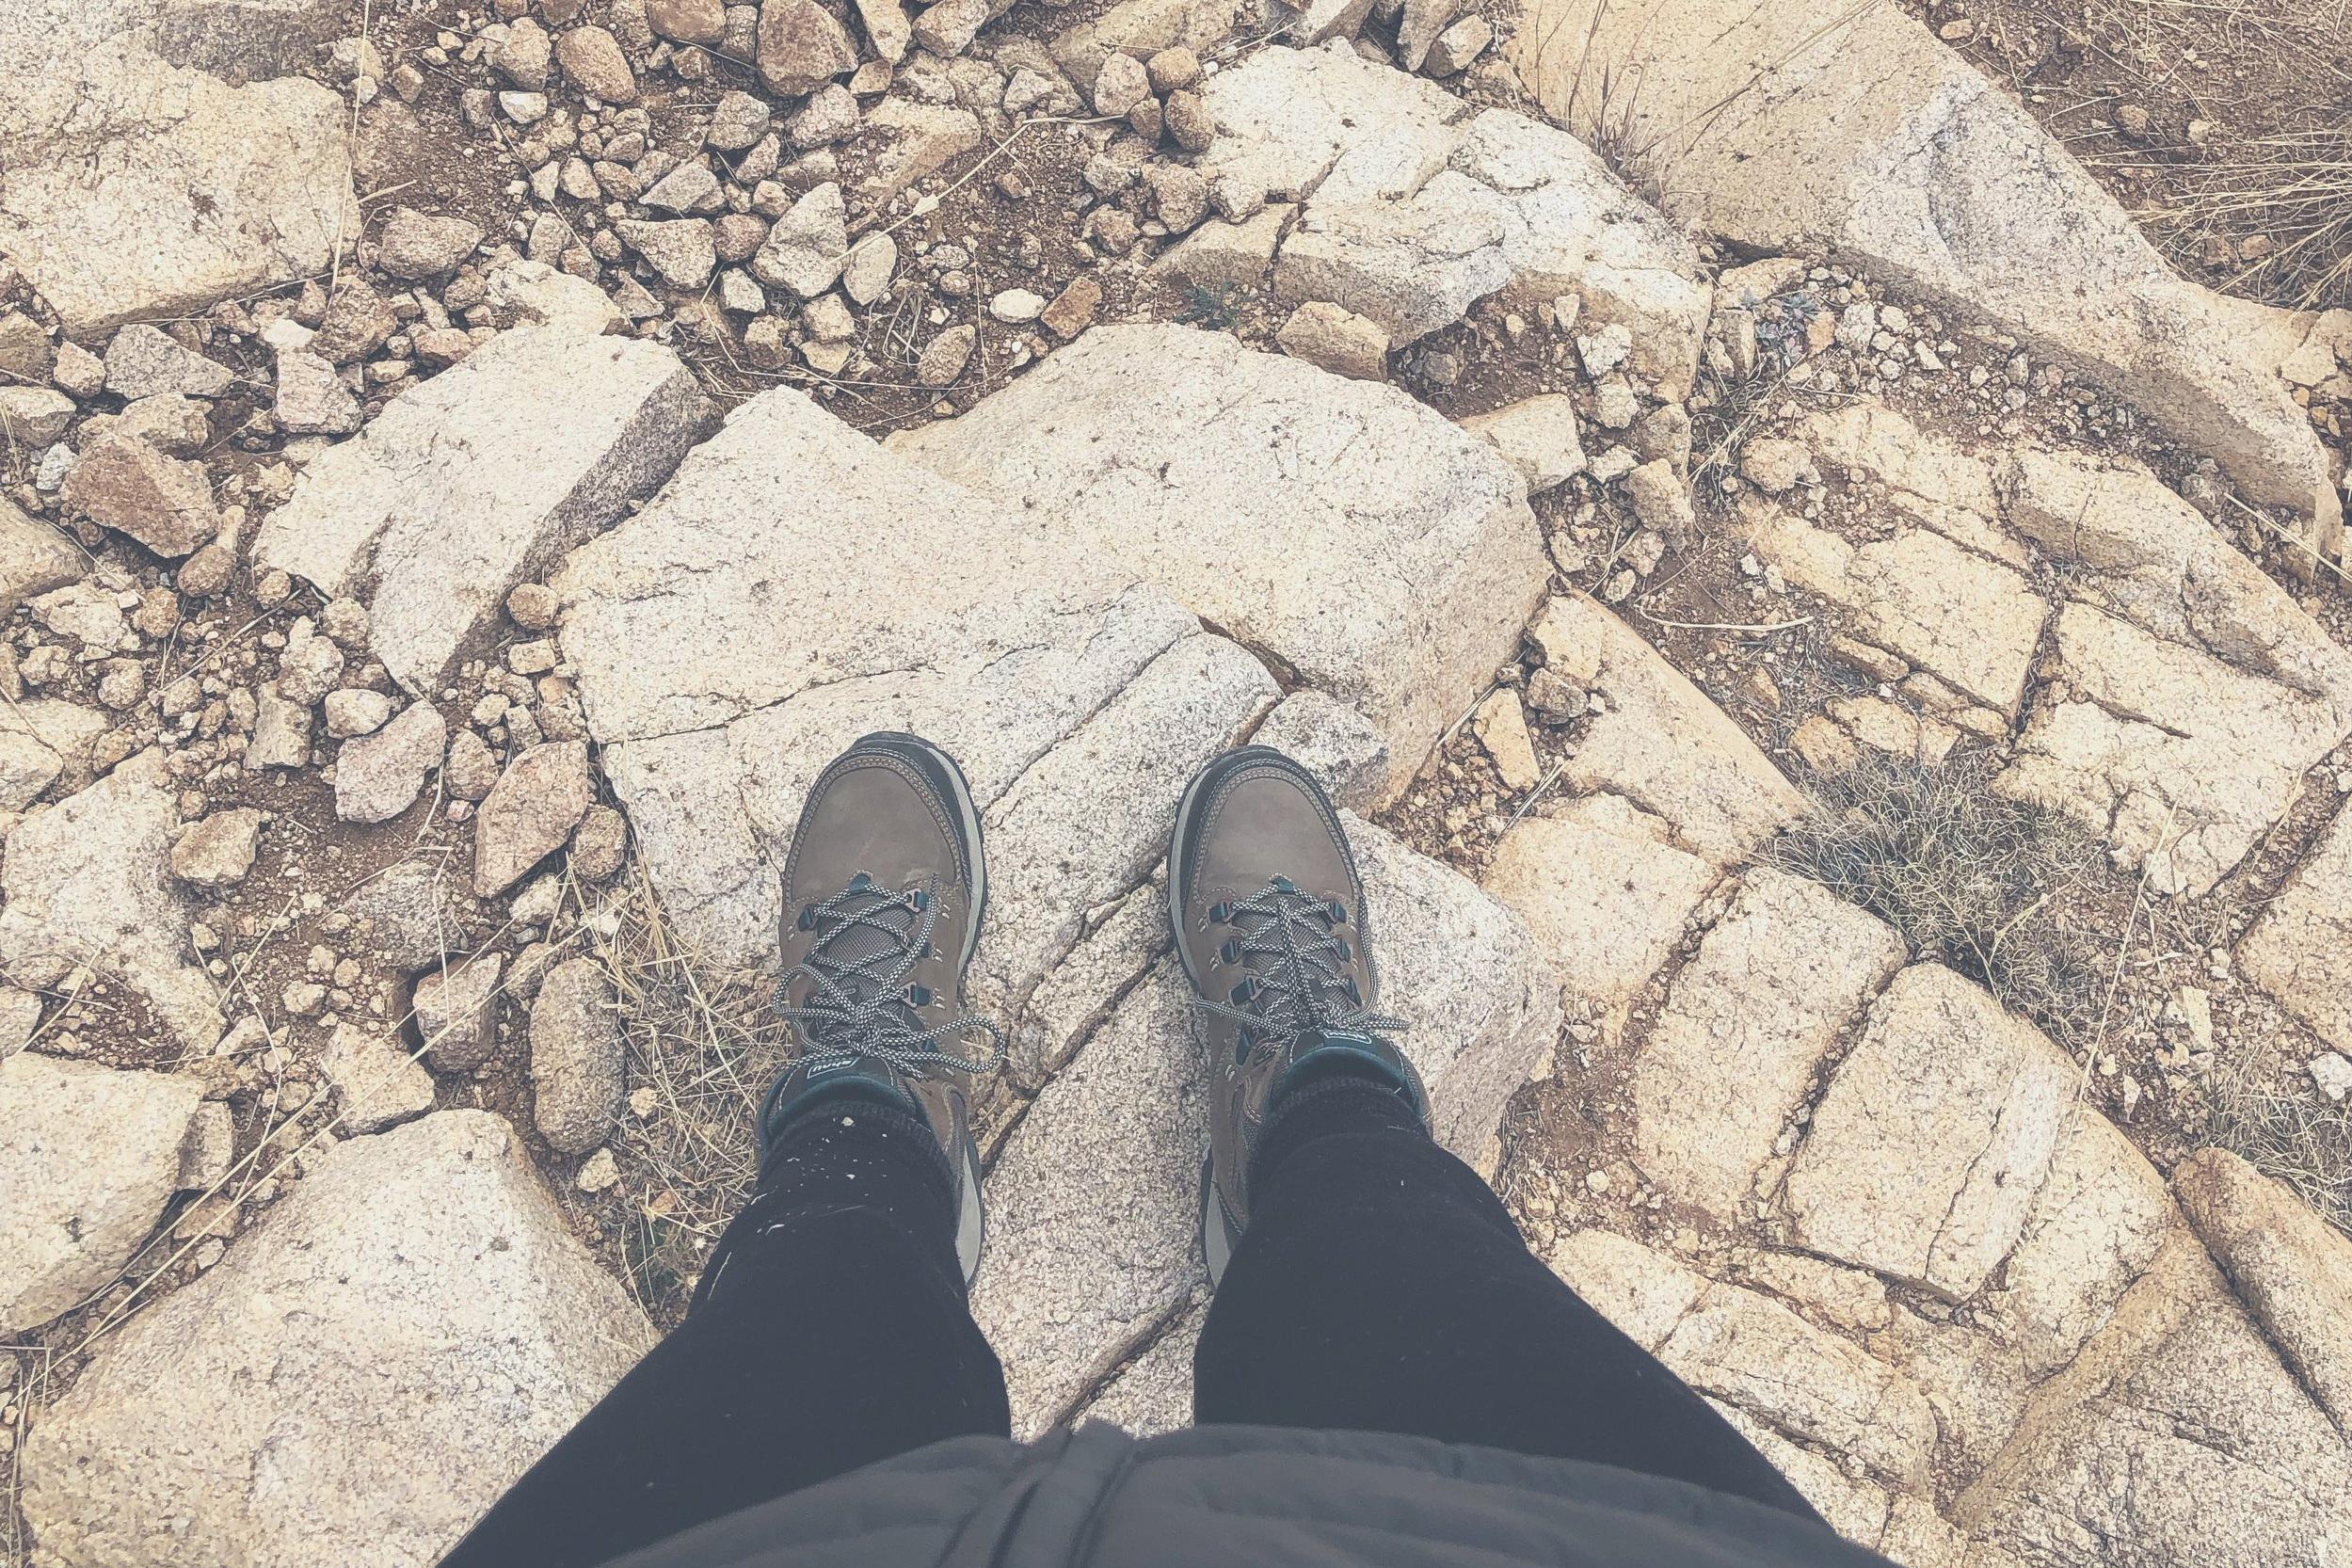 Beth+Barbaglia_Hiking.jpg